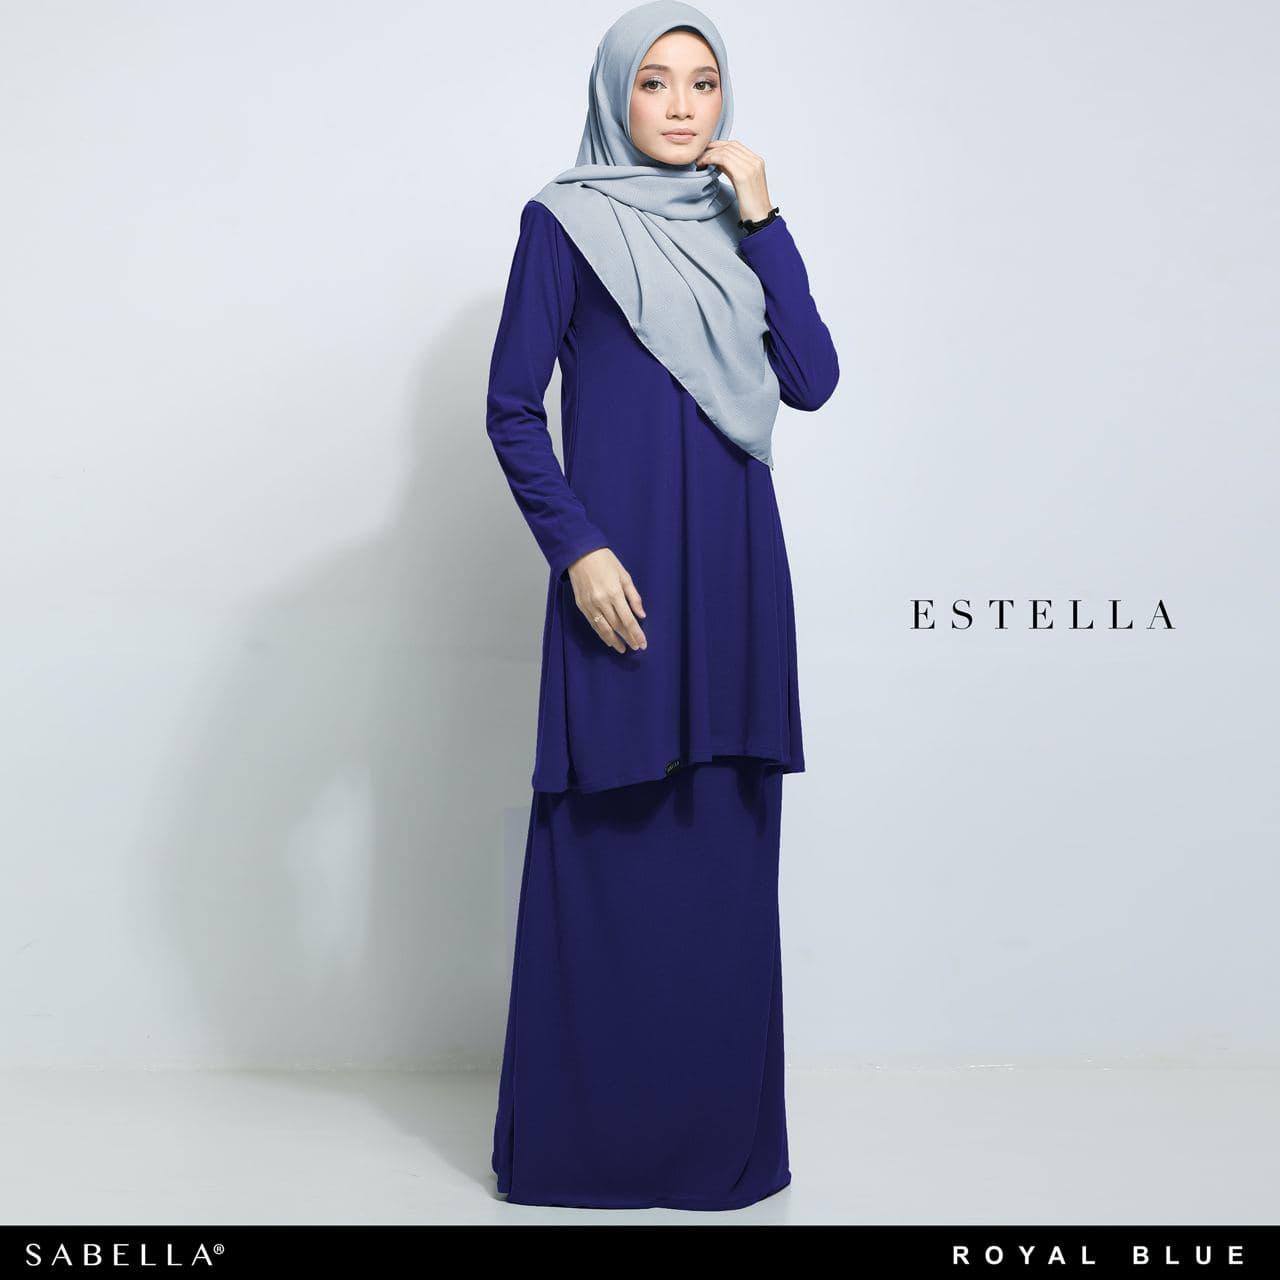 Estella 2.0 Royal Blue (R)